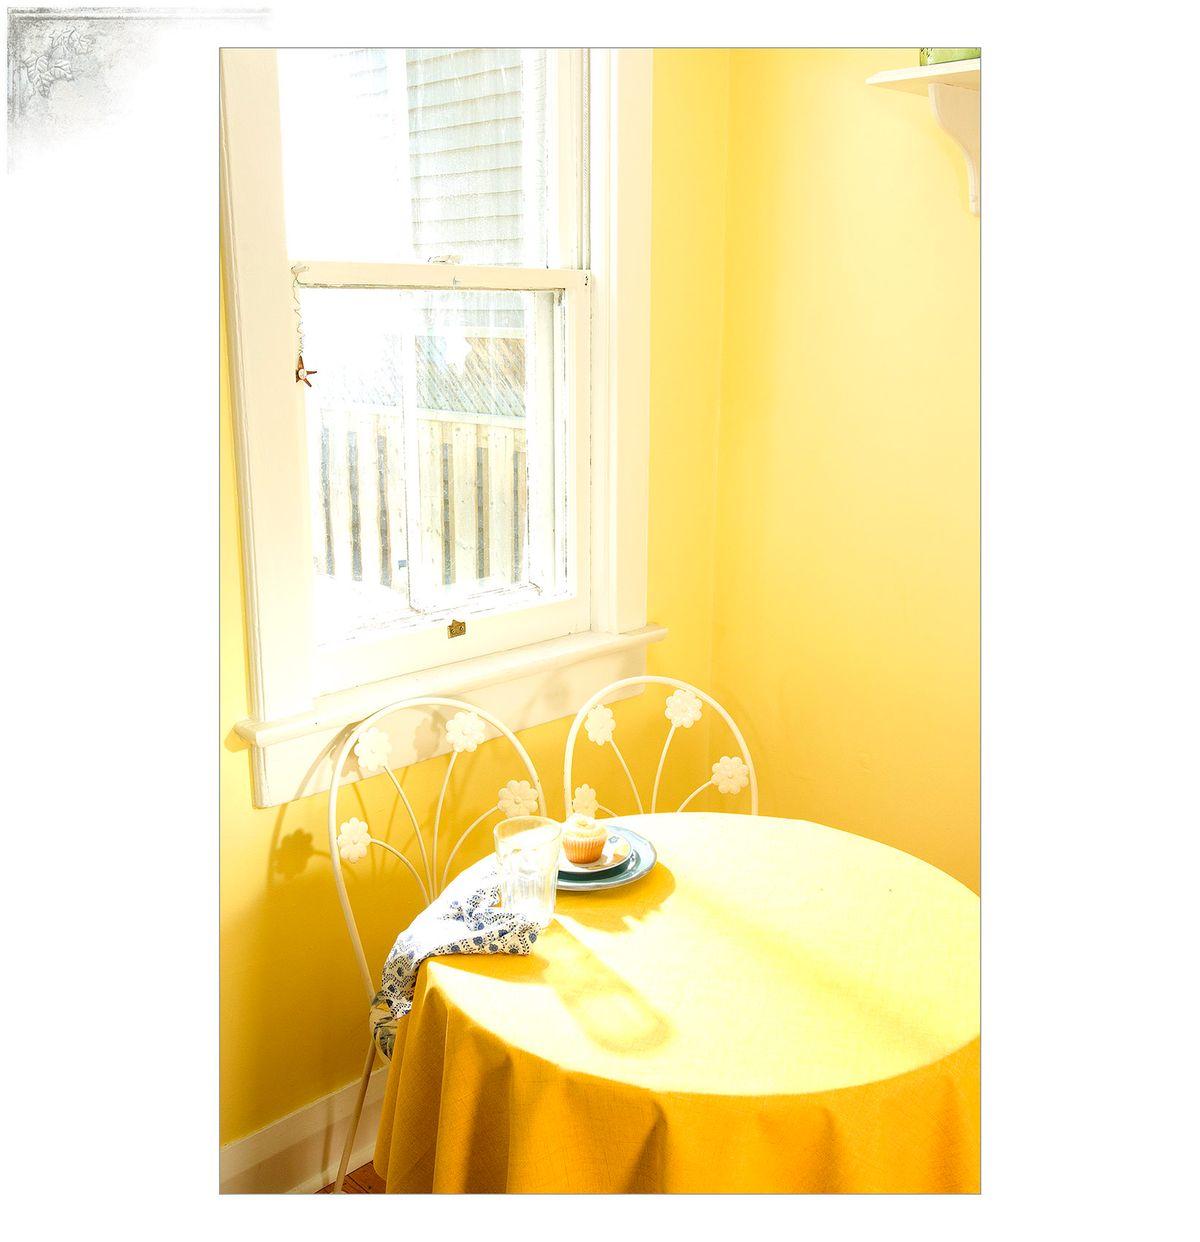 SunnyKitchenPortfPage.jpg